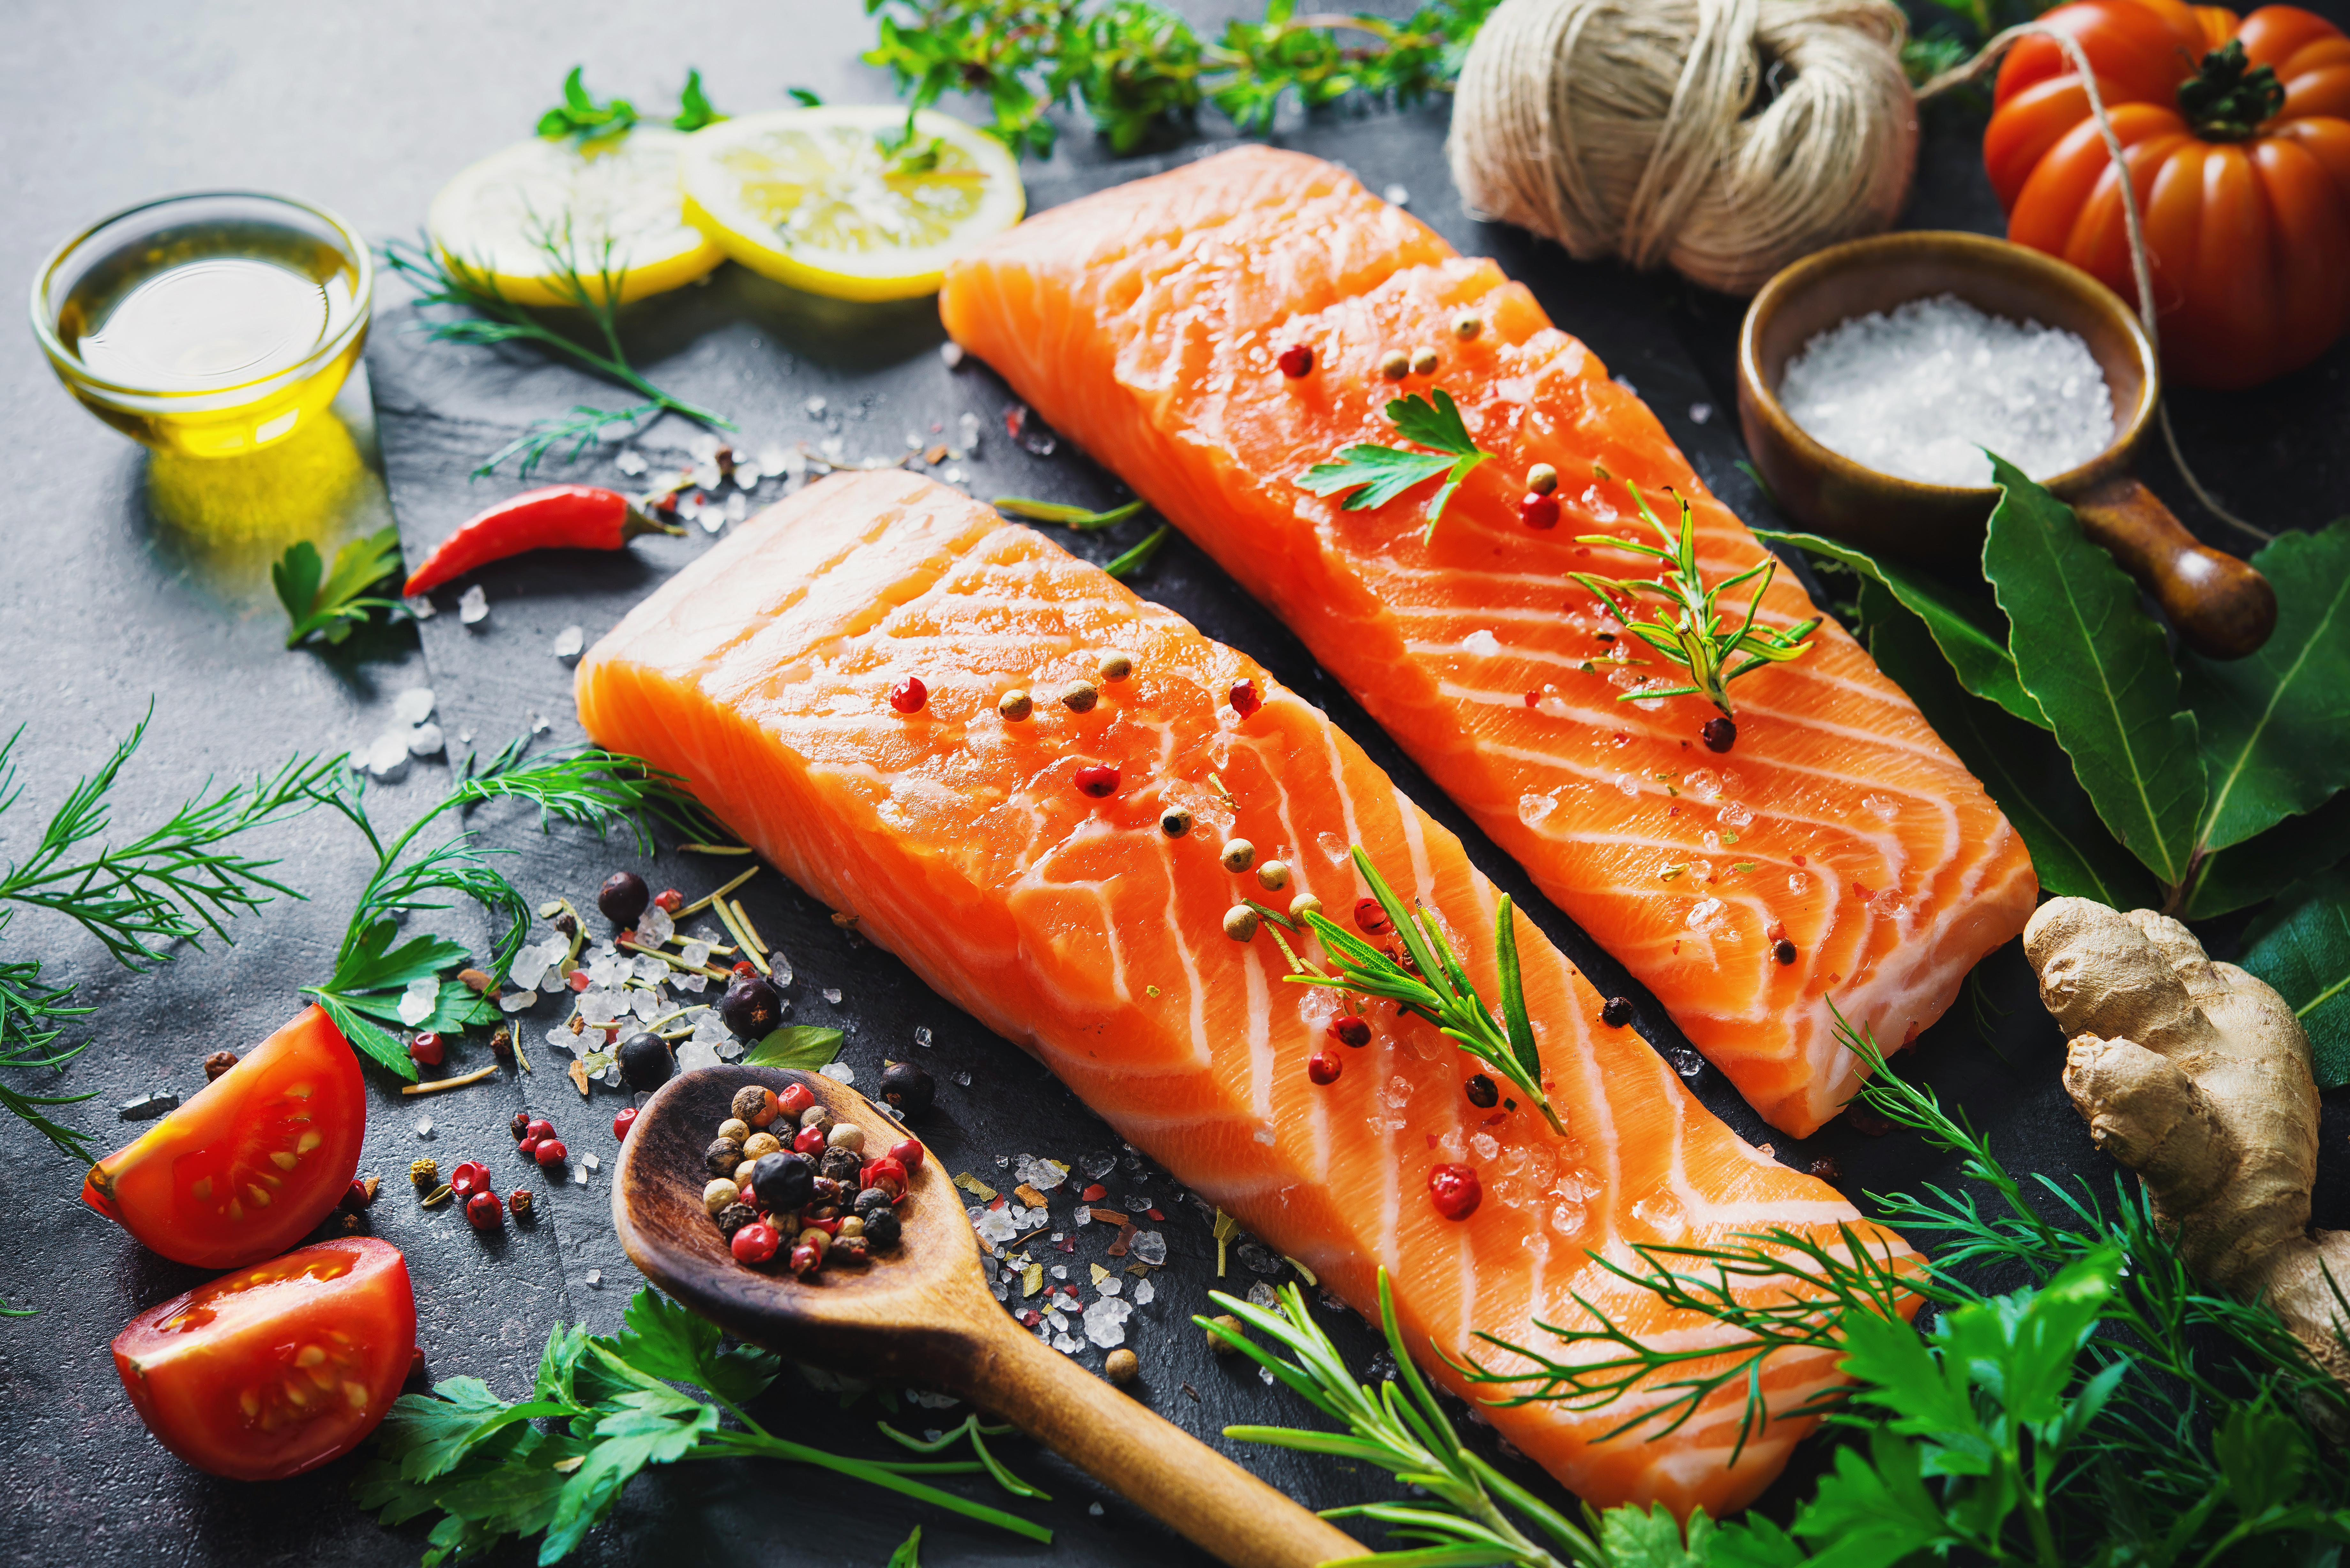 Lachsfilets mit scharfem Gemüse löst Stress